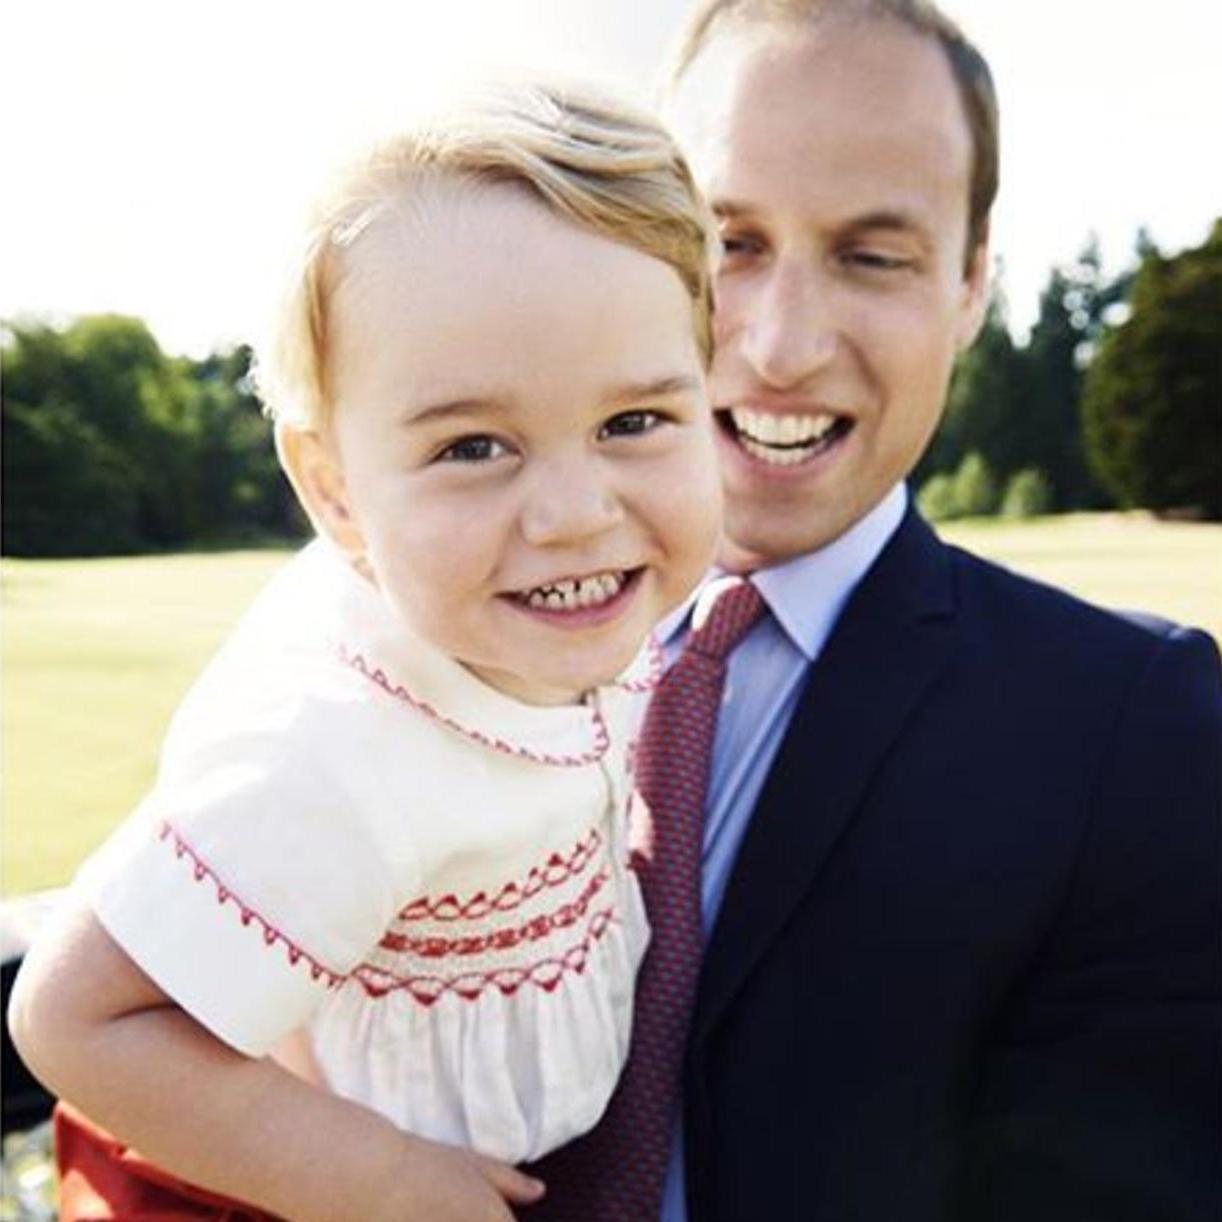 Joyeux anniversaire prince George !